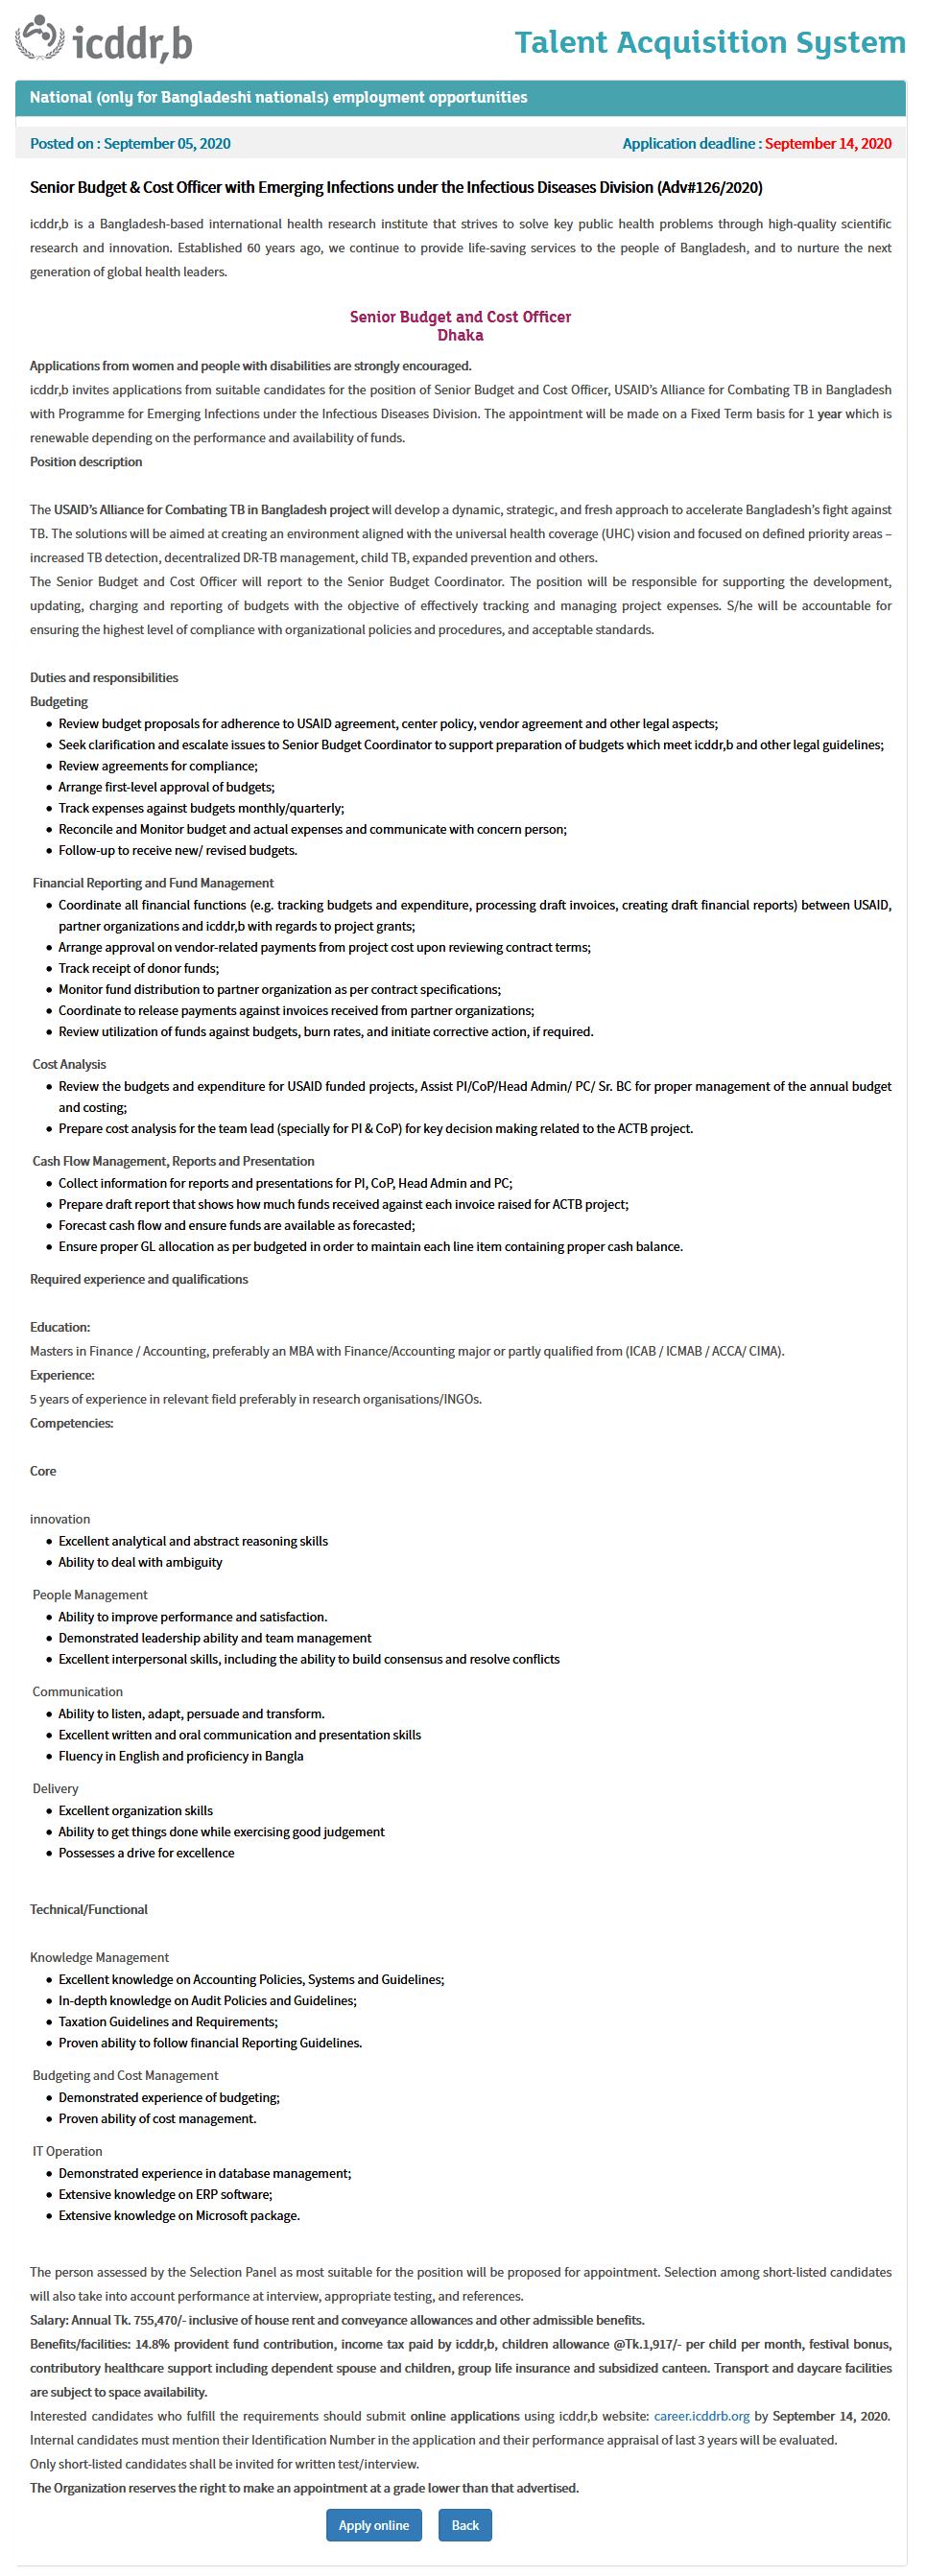 ICDDRB Job Circular Apply 2020 - icddrb.org